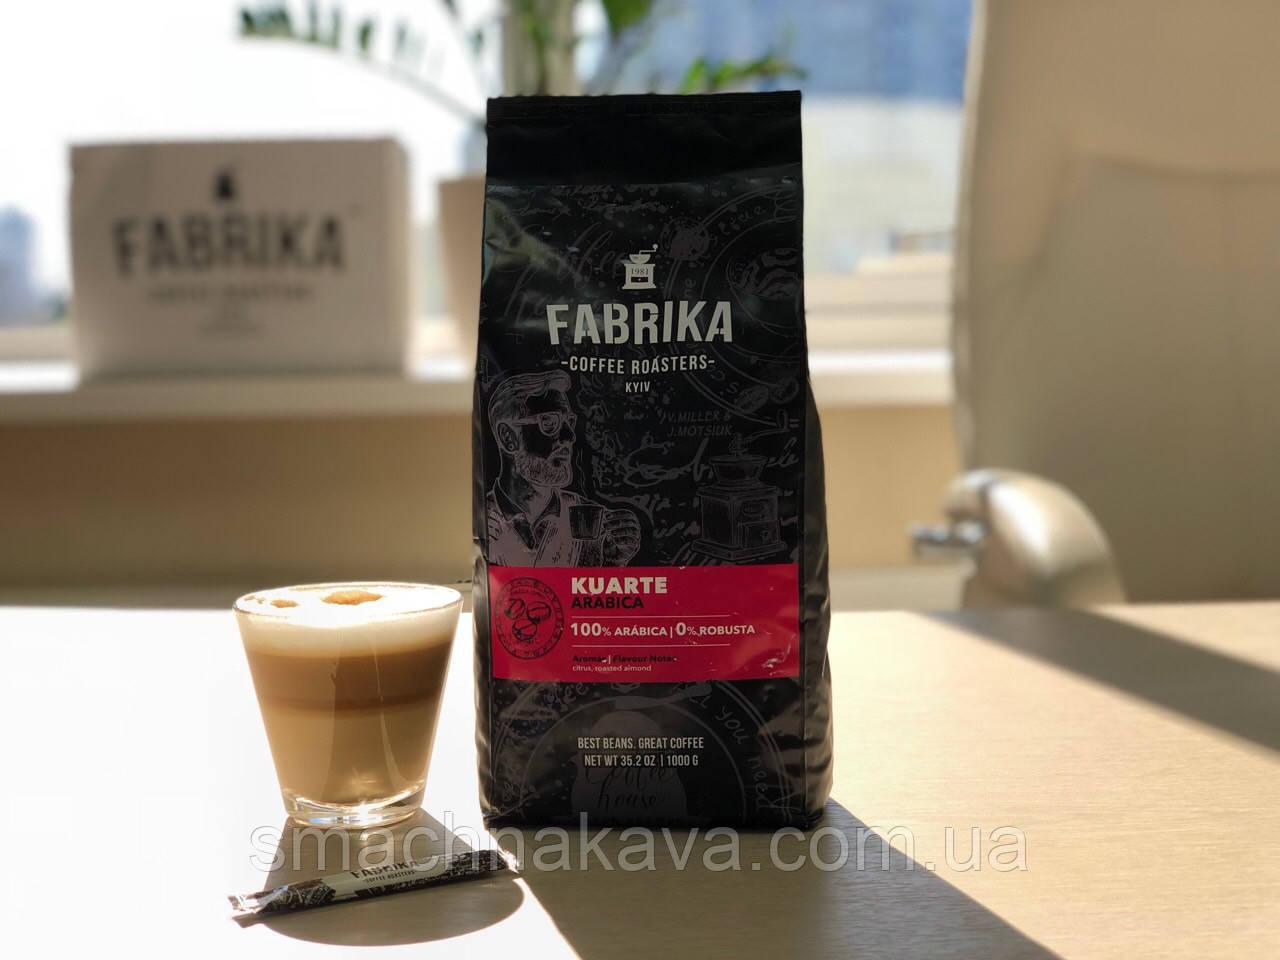 Кофе в зернах Fabrika Kuarte